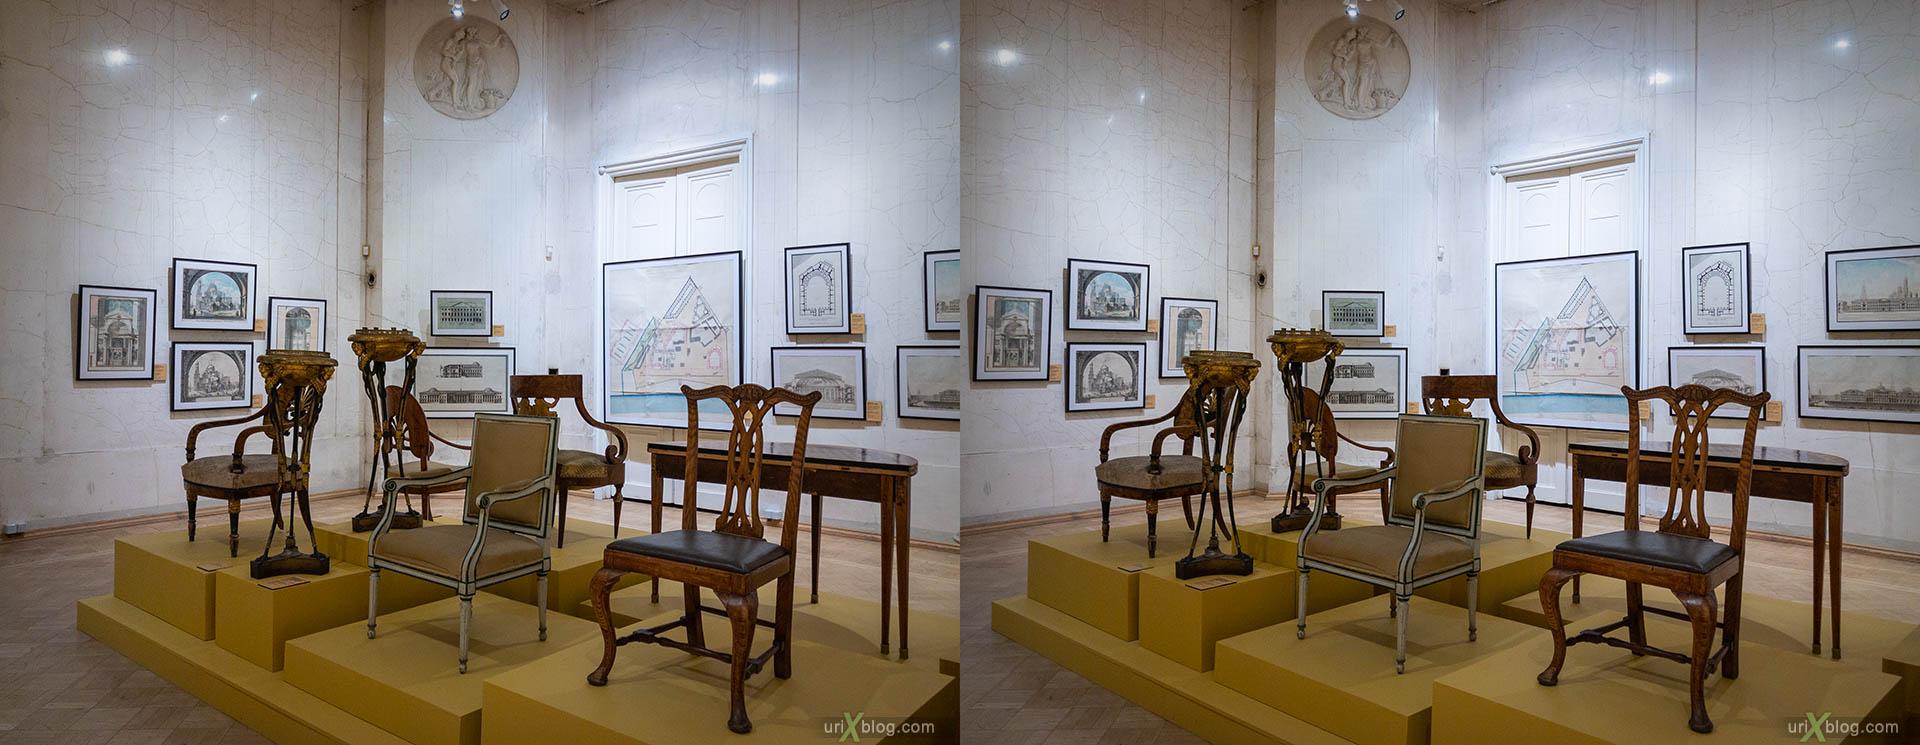 музей, музей архитектуры, Москва, Россия, 3D, перекрёстная стереопара, стерео, стереопара, 2018